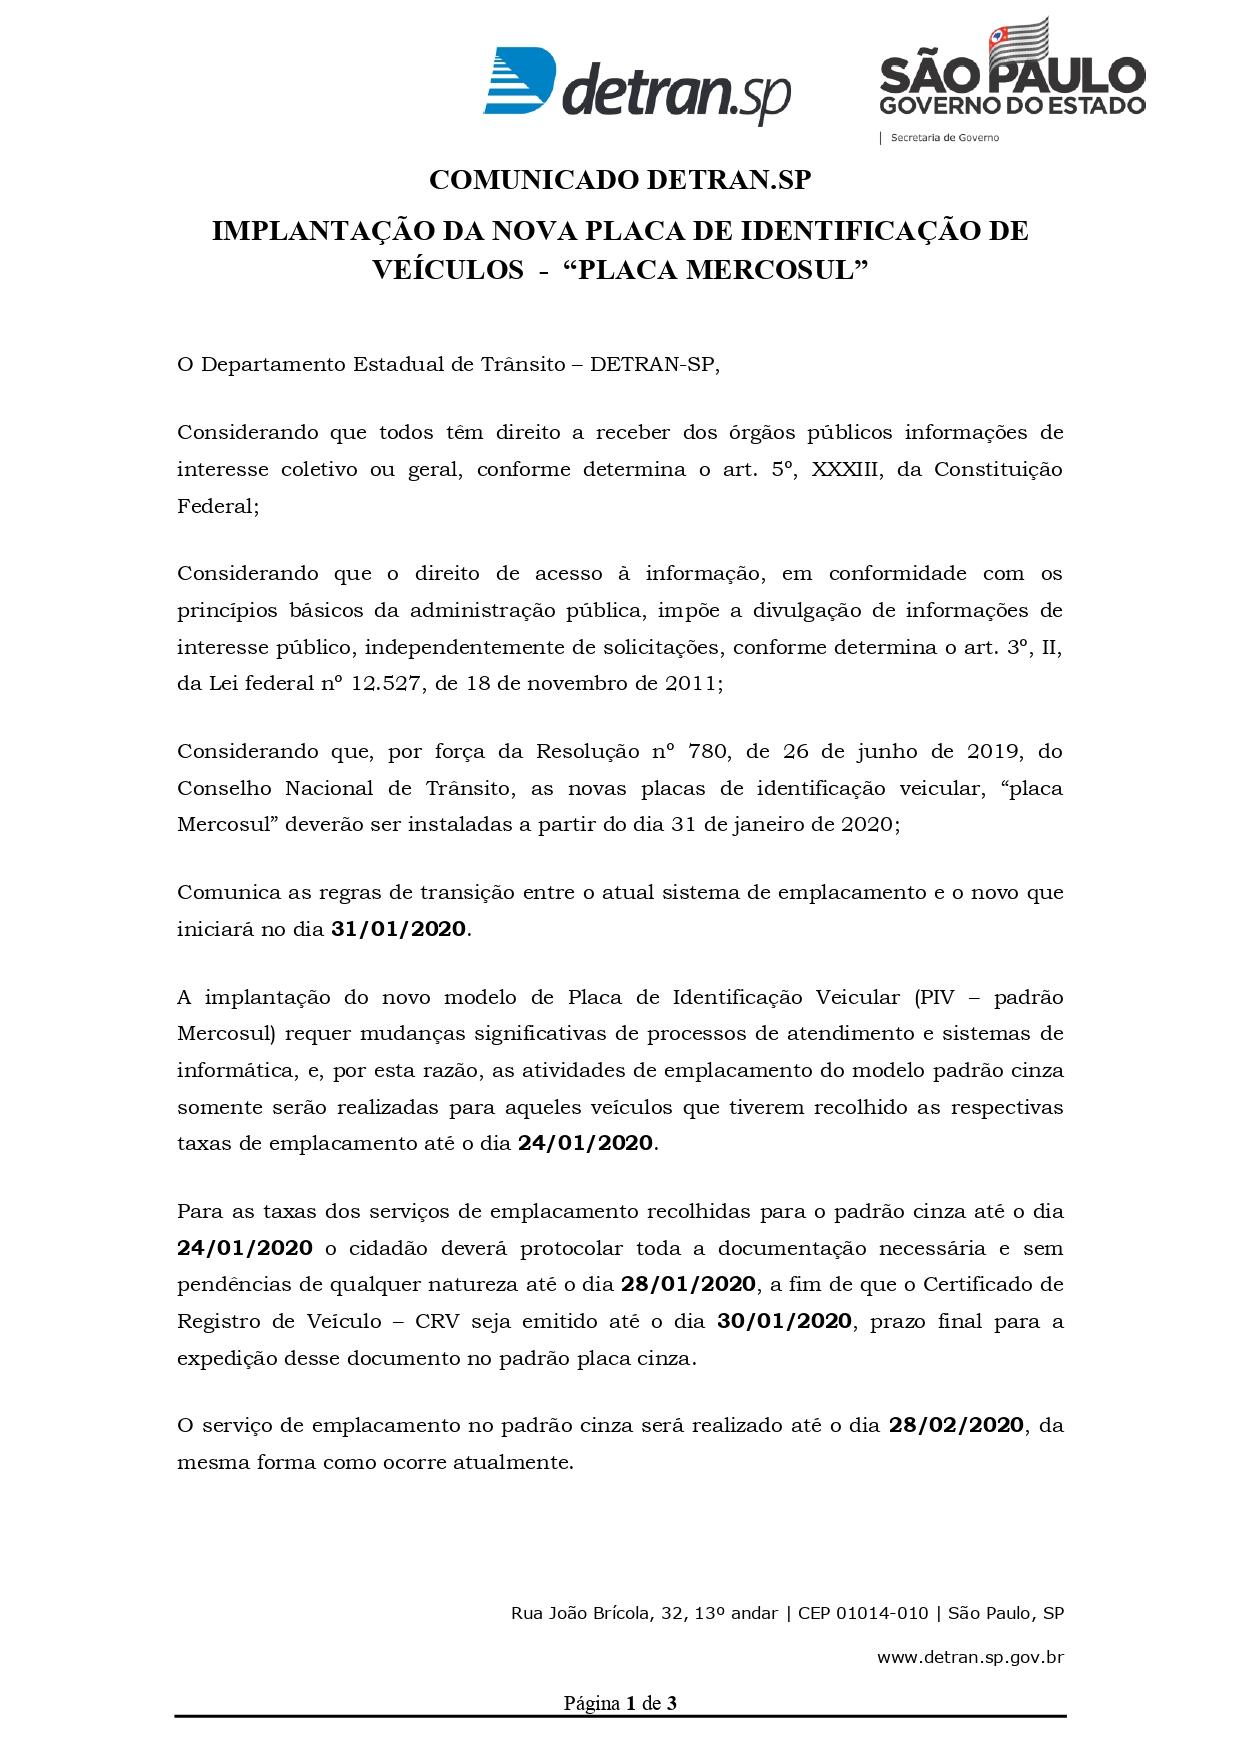 Comunicado+consolidaddo+Placas+Mercosul.+24.01.2020_page-0001